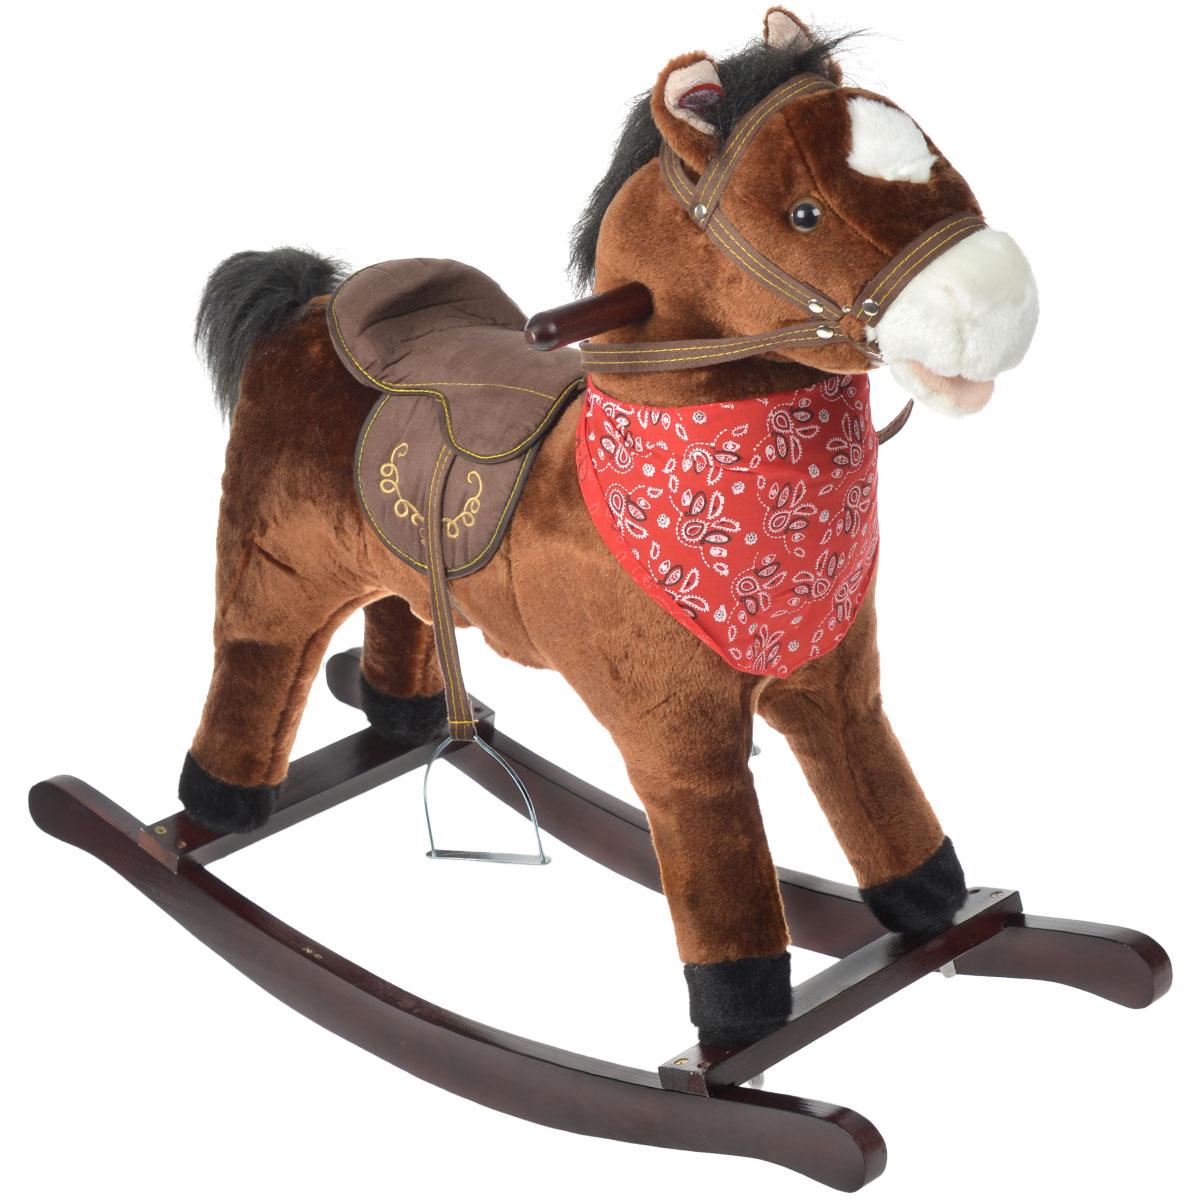 оно картинки лошадь в качалке всегда есть достаточно